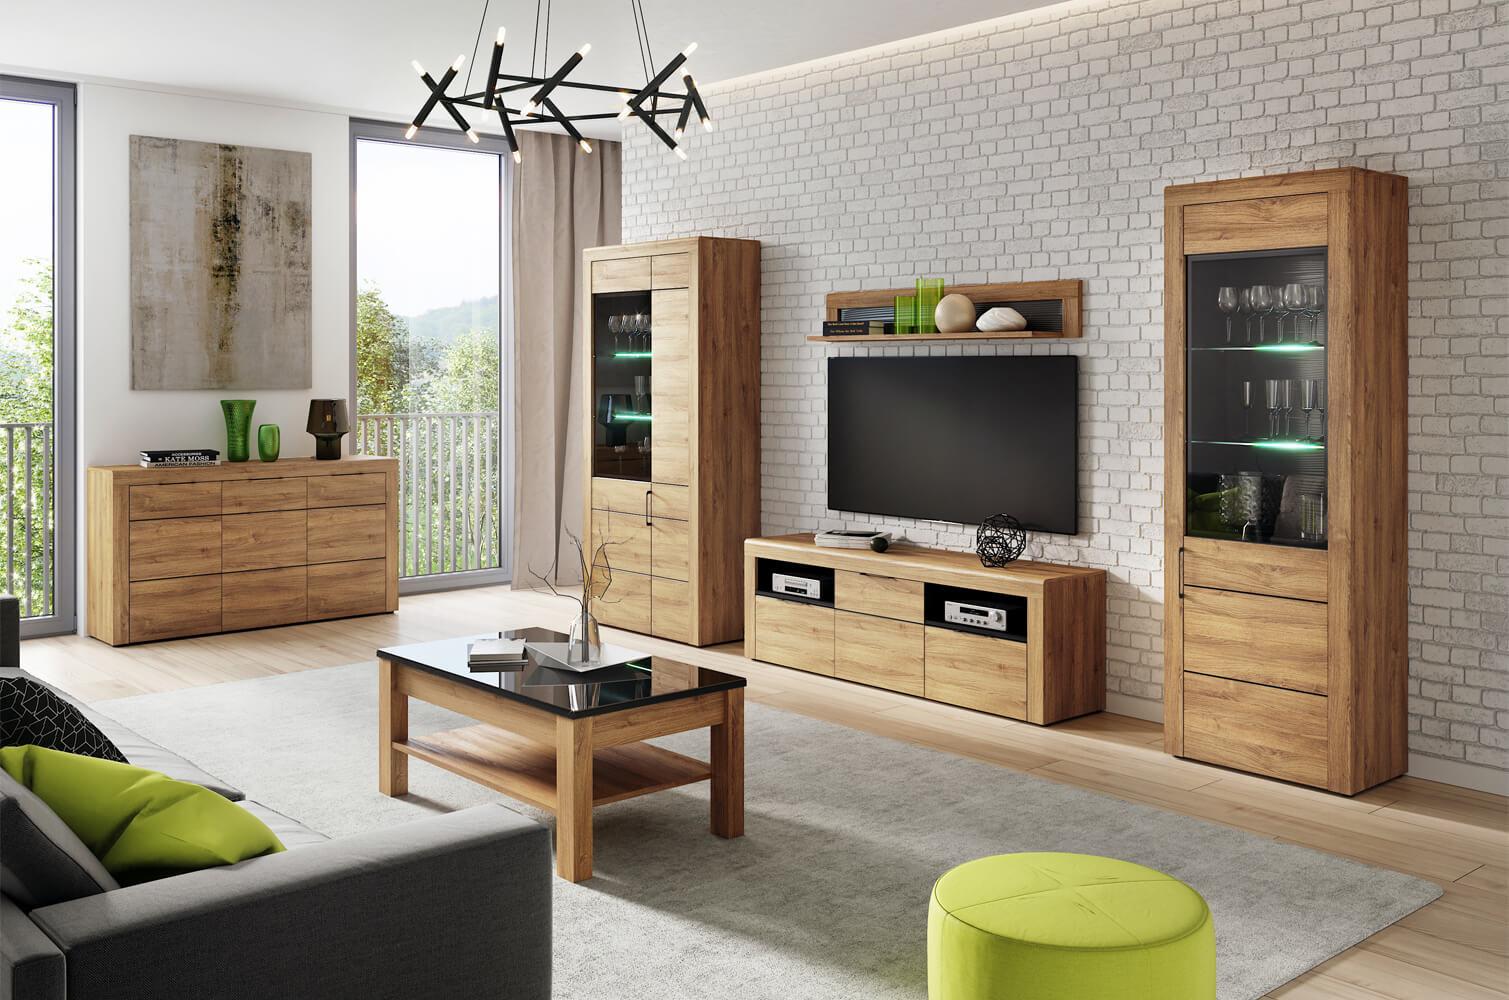 13e33b4bd24c Nádherný sektorový nábytok Kama v ultramodernom prevedení dub camargue v  dokonalom spojení s čiernym matom. Kolekcia Kama ponúka segmenty do  obývacej izby ...